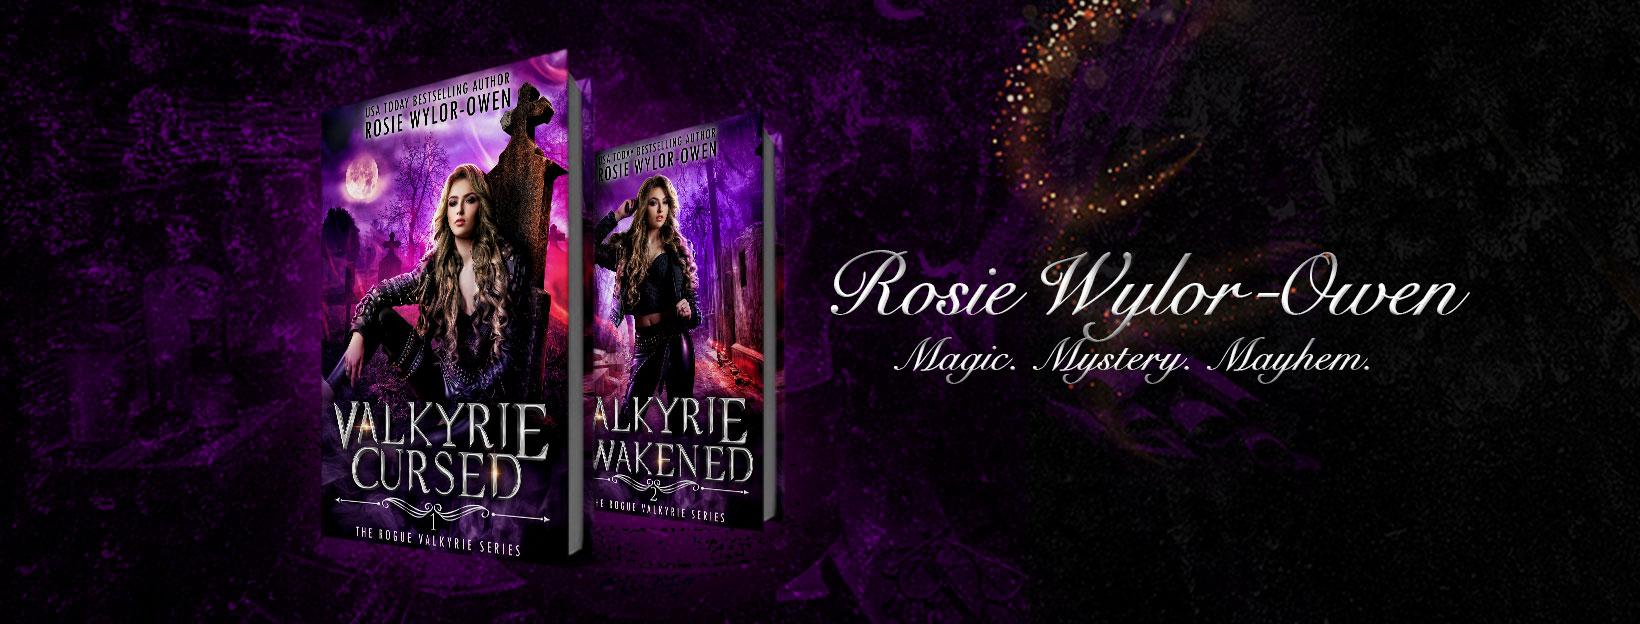 Rosie Wylor-Owen Author